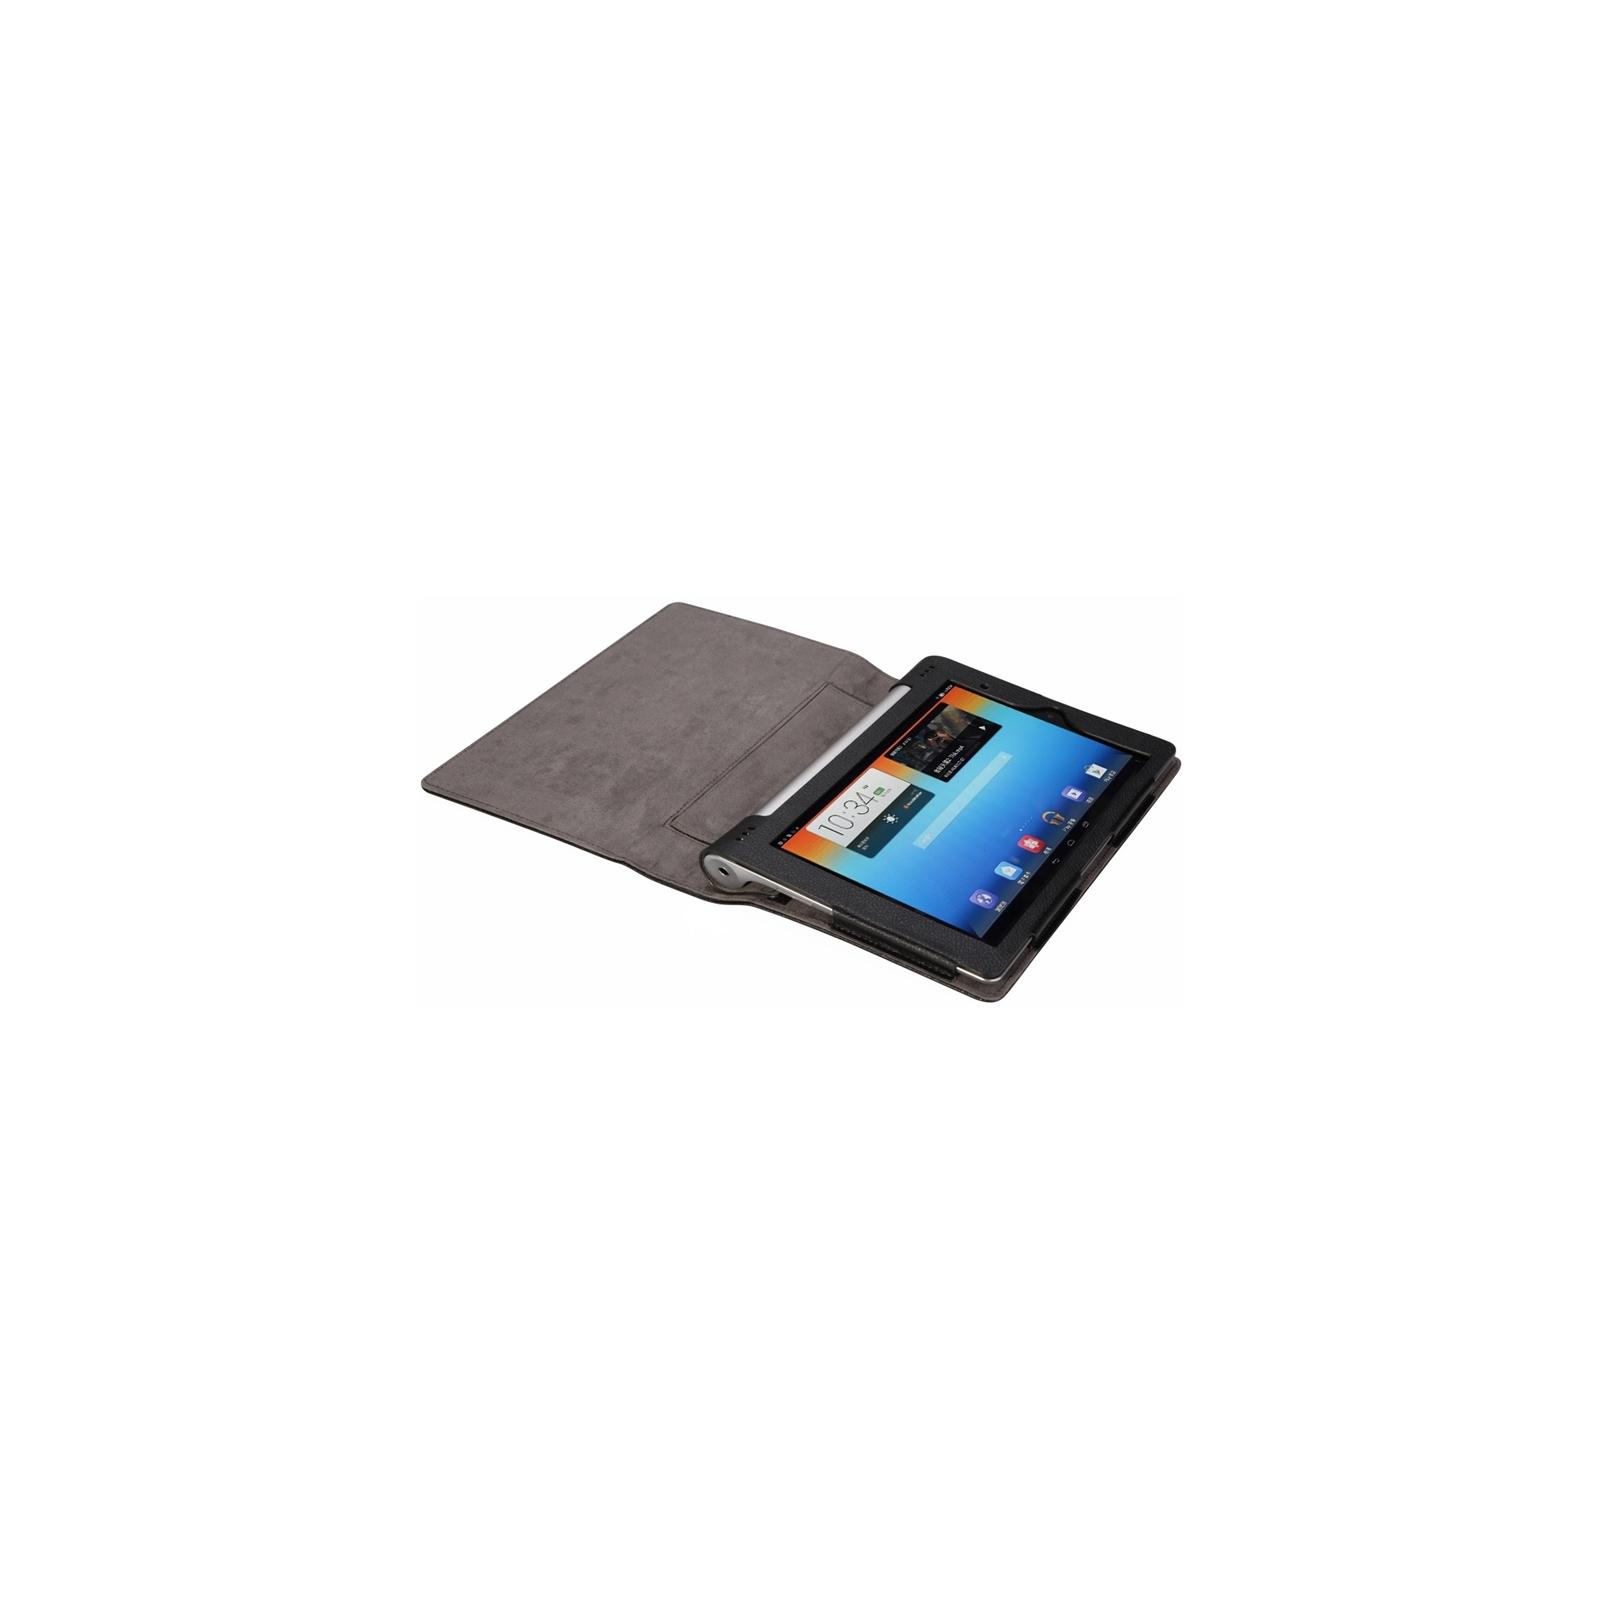 """Чехол для планшета AirOn для Lenovo YOGA Tablet 8"""" black (6946795830207) изображение 3"""